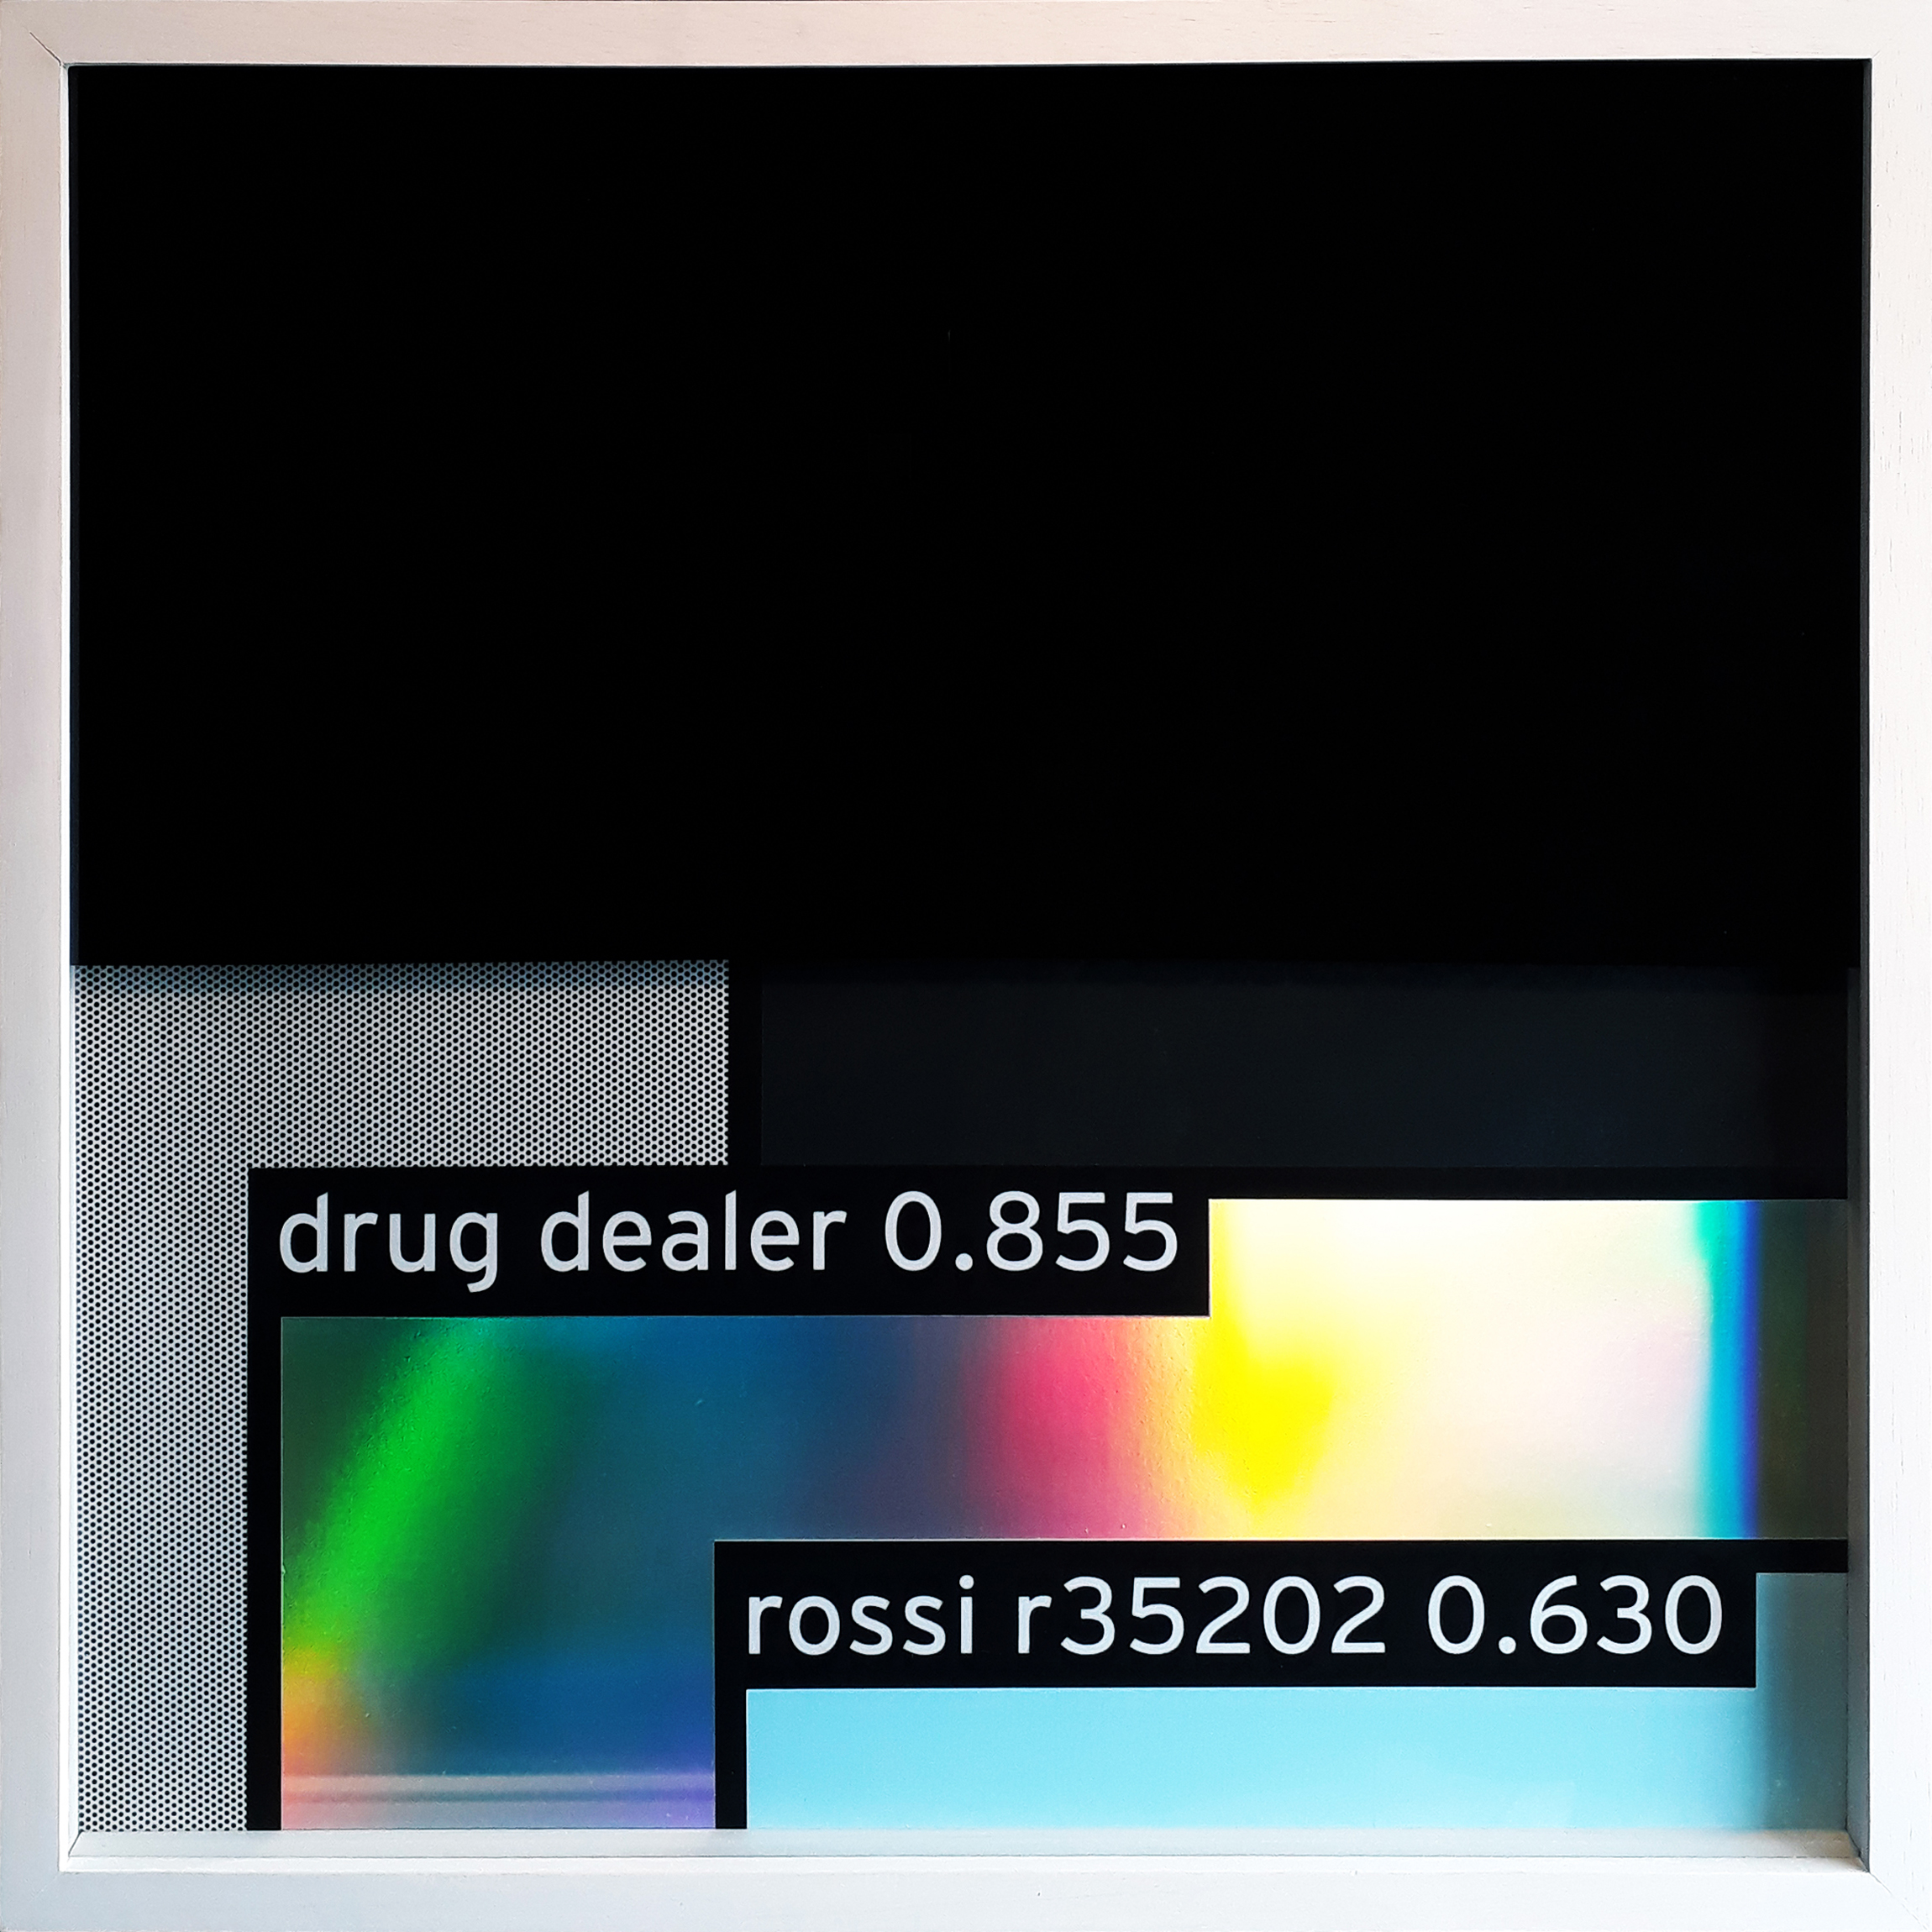 DRUG DEALER 0.855